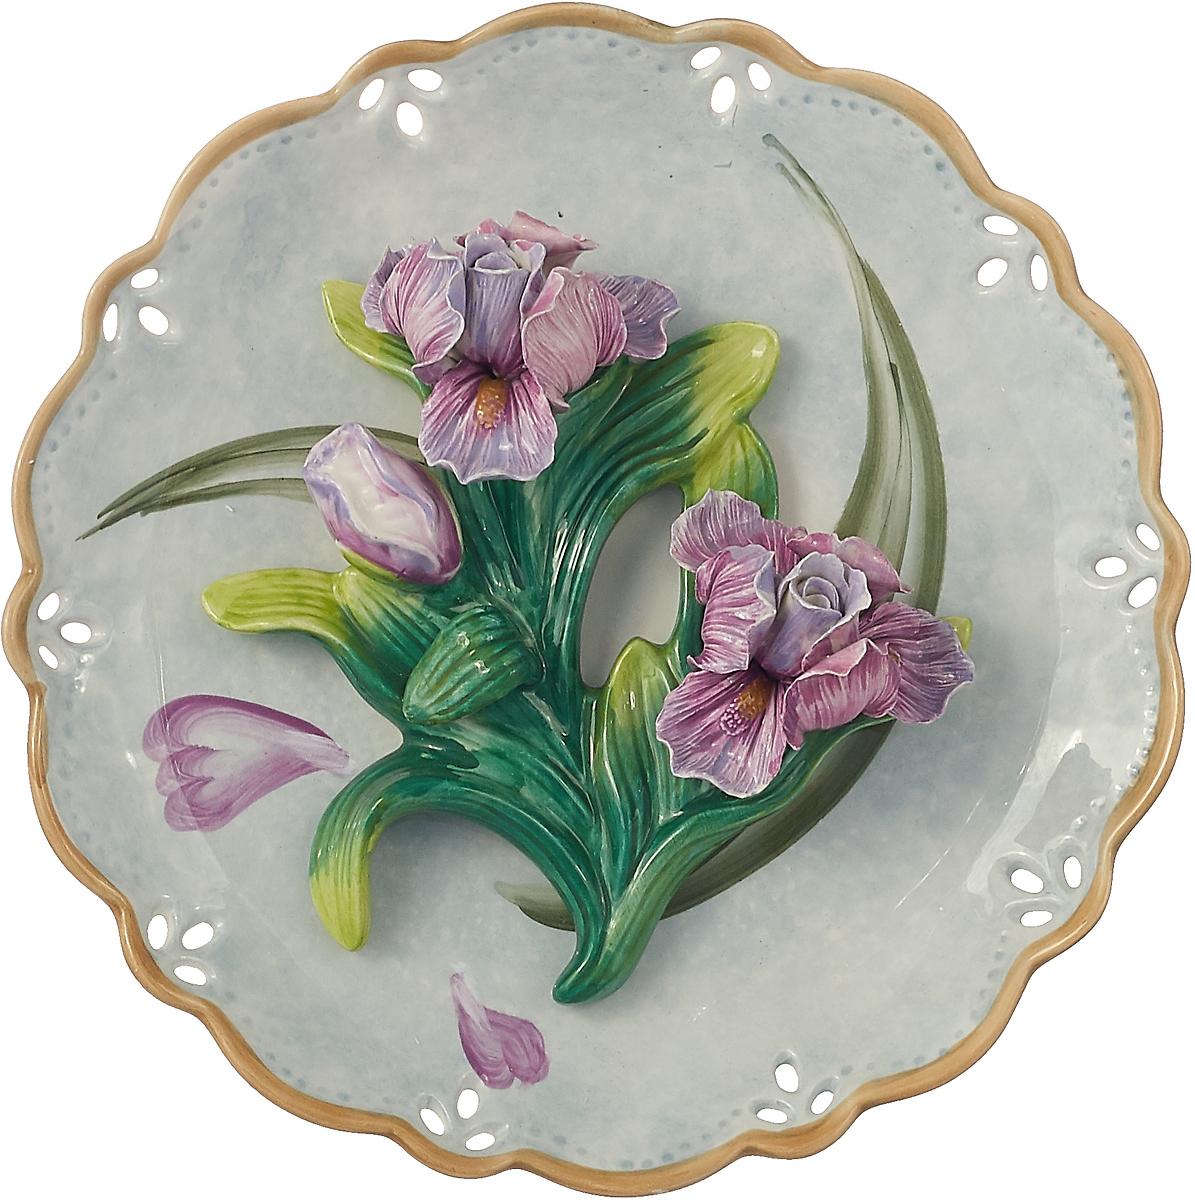 Декоративная тарелка Lefard Ирис, 59-477, голубой, 20 х 20 х 6 см свеча декоративная win max каллы цвет кремовый 6 см х 6 см х 10 см